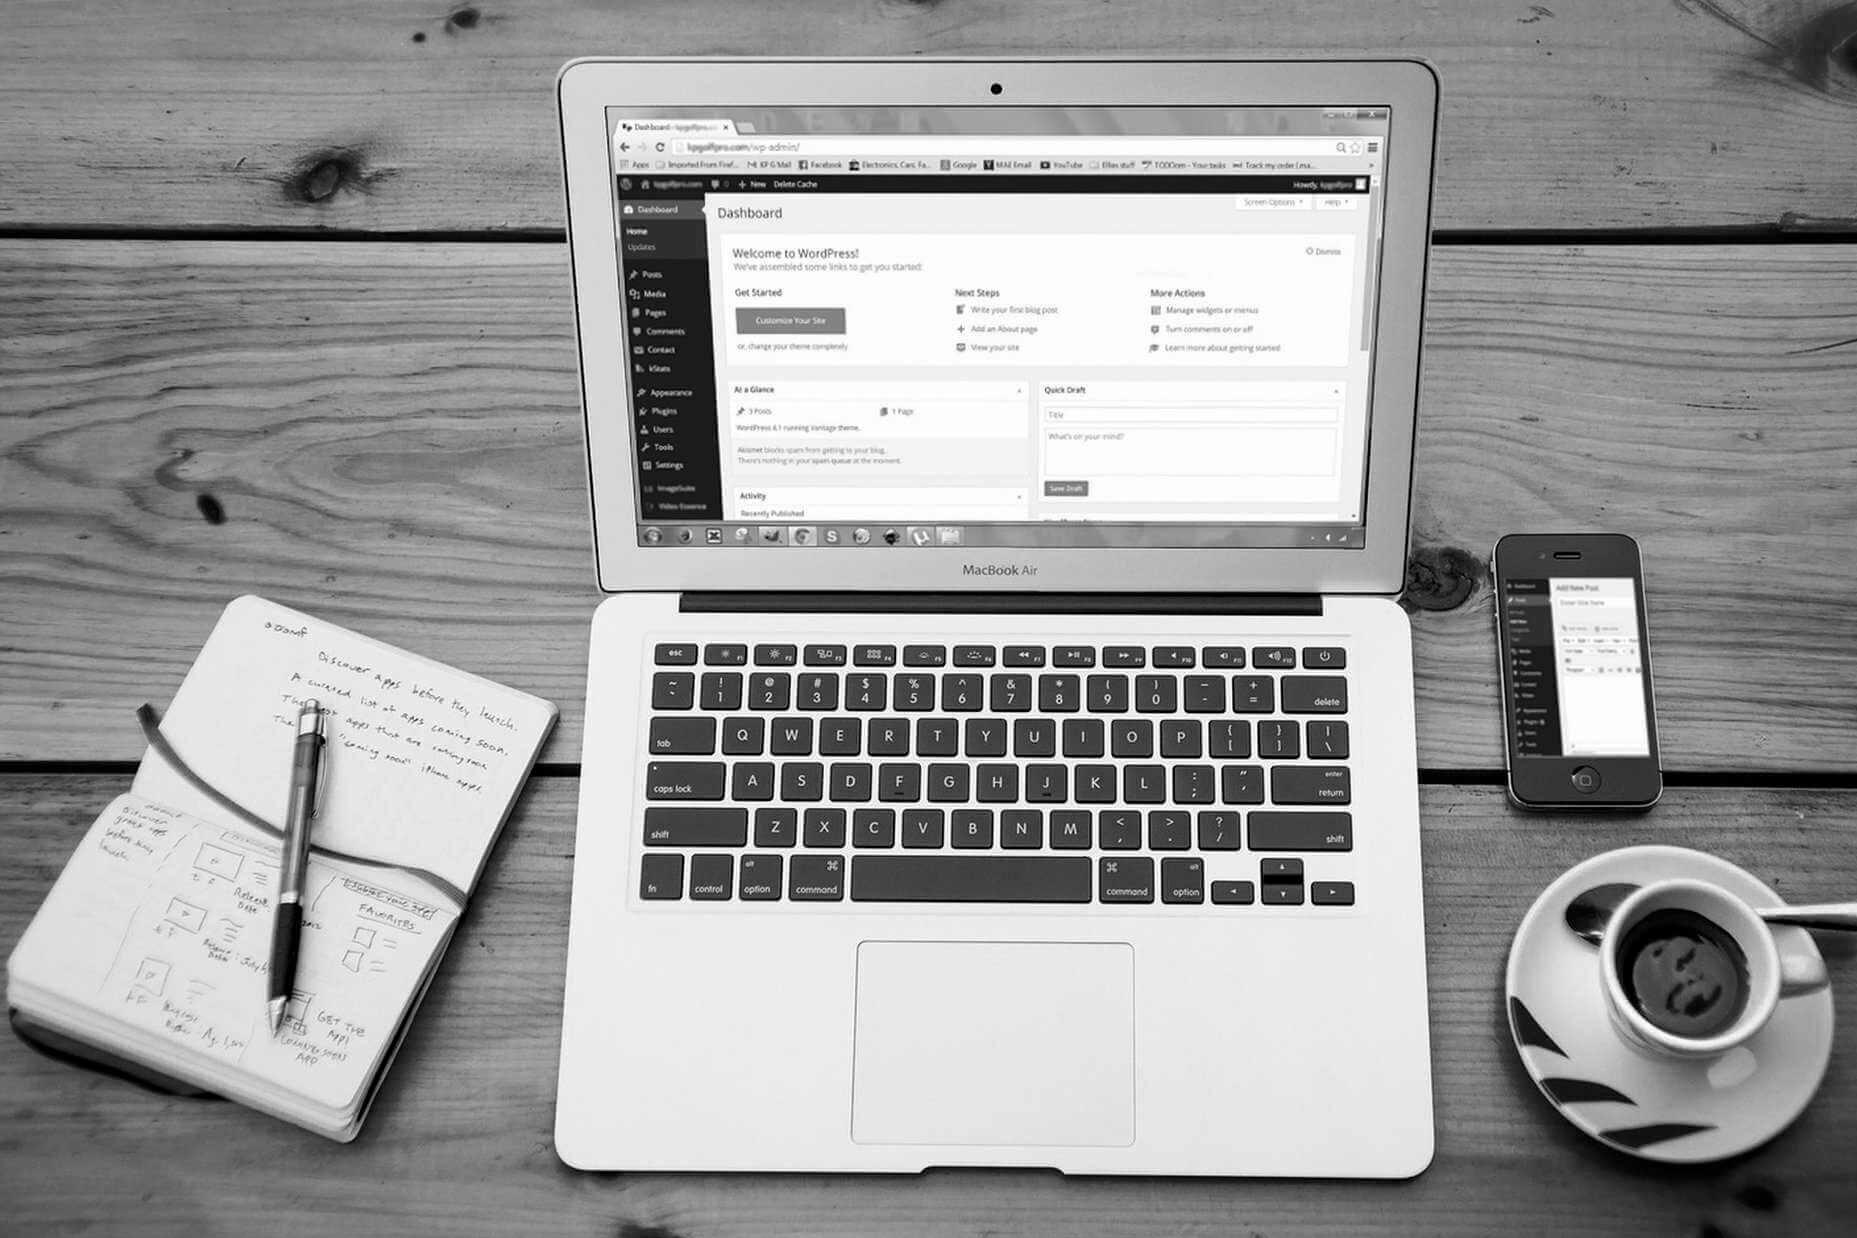 Laptop mit Wordpress geöffnet